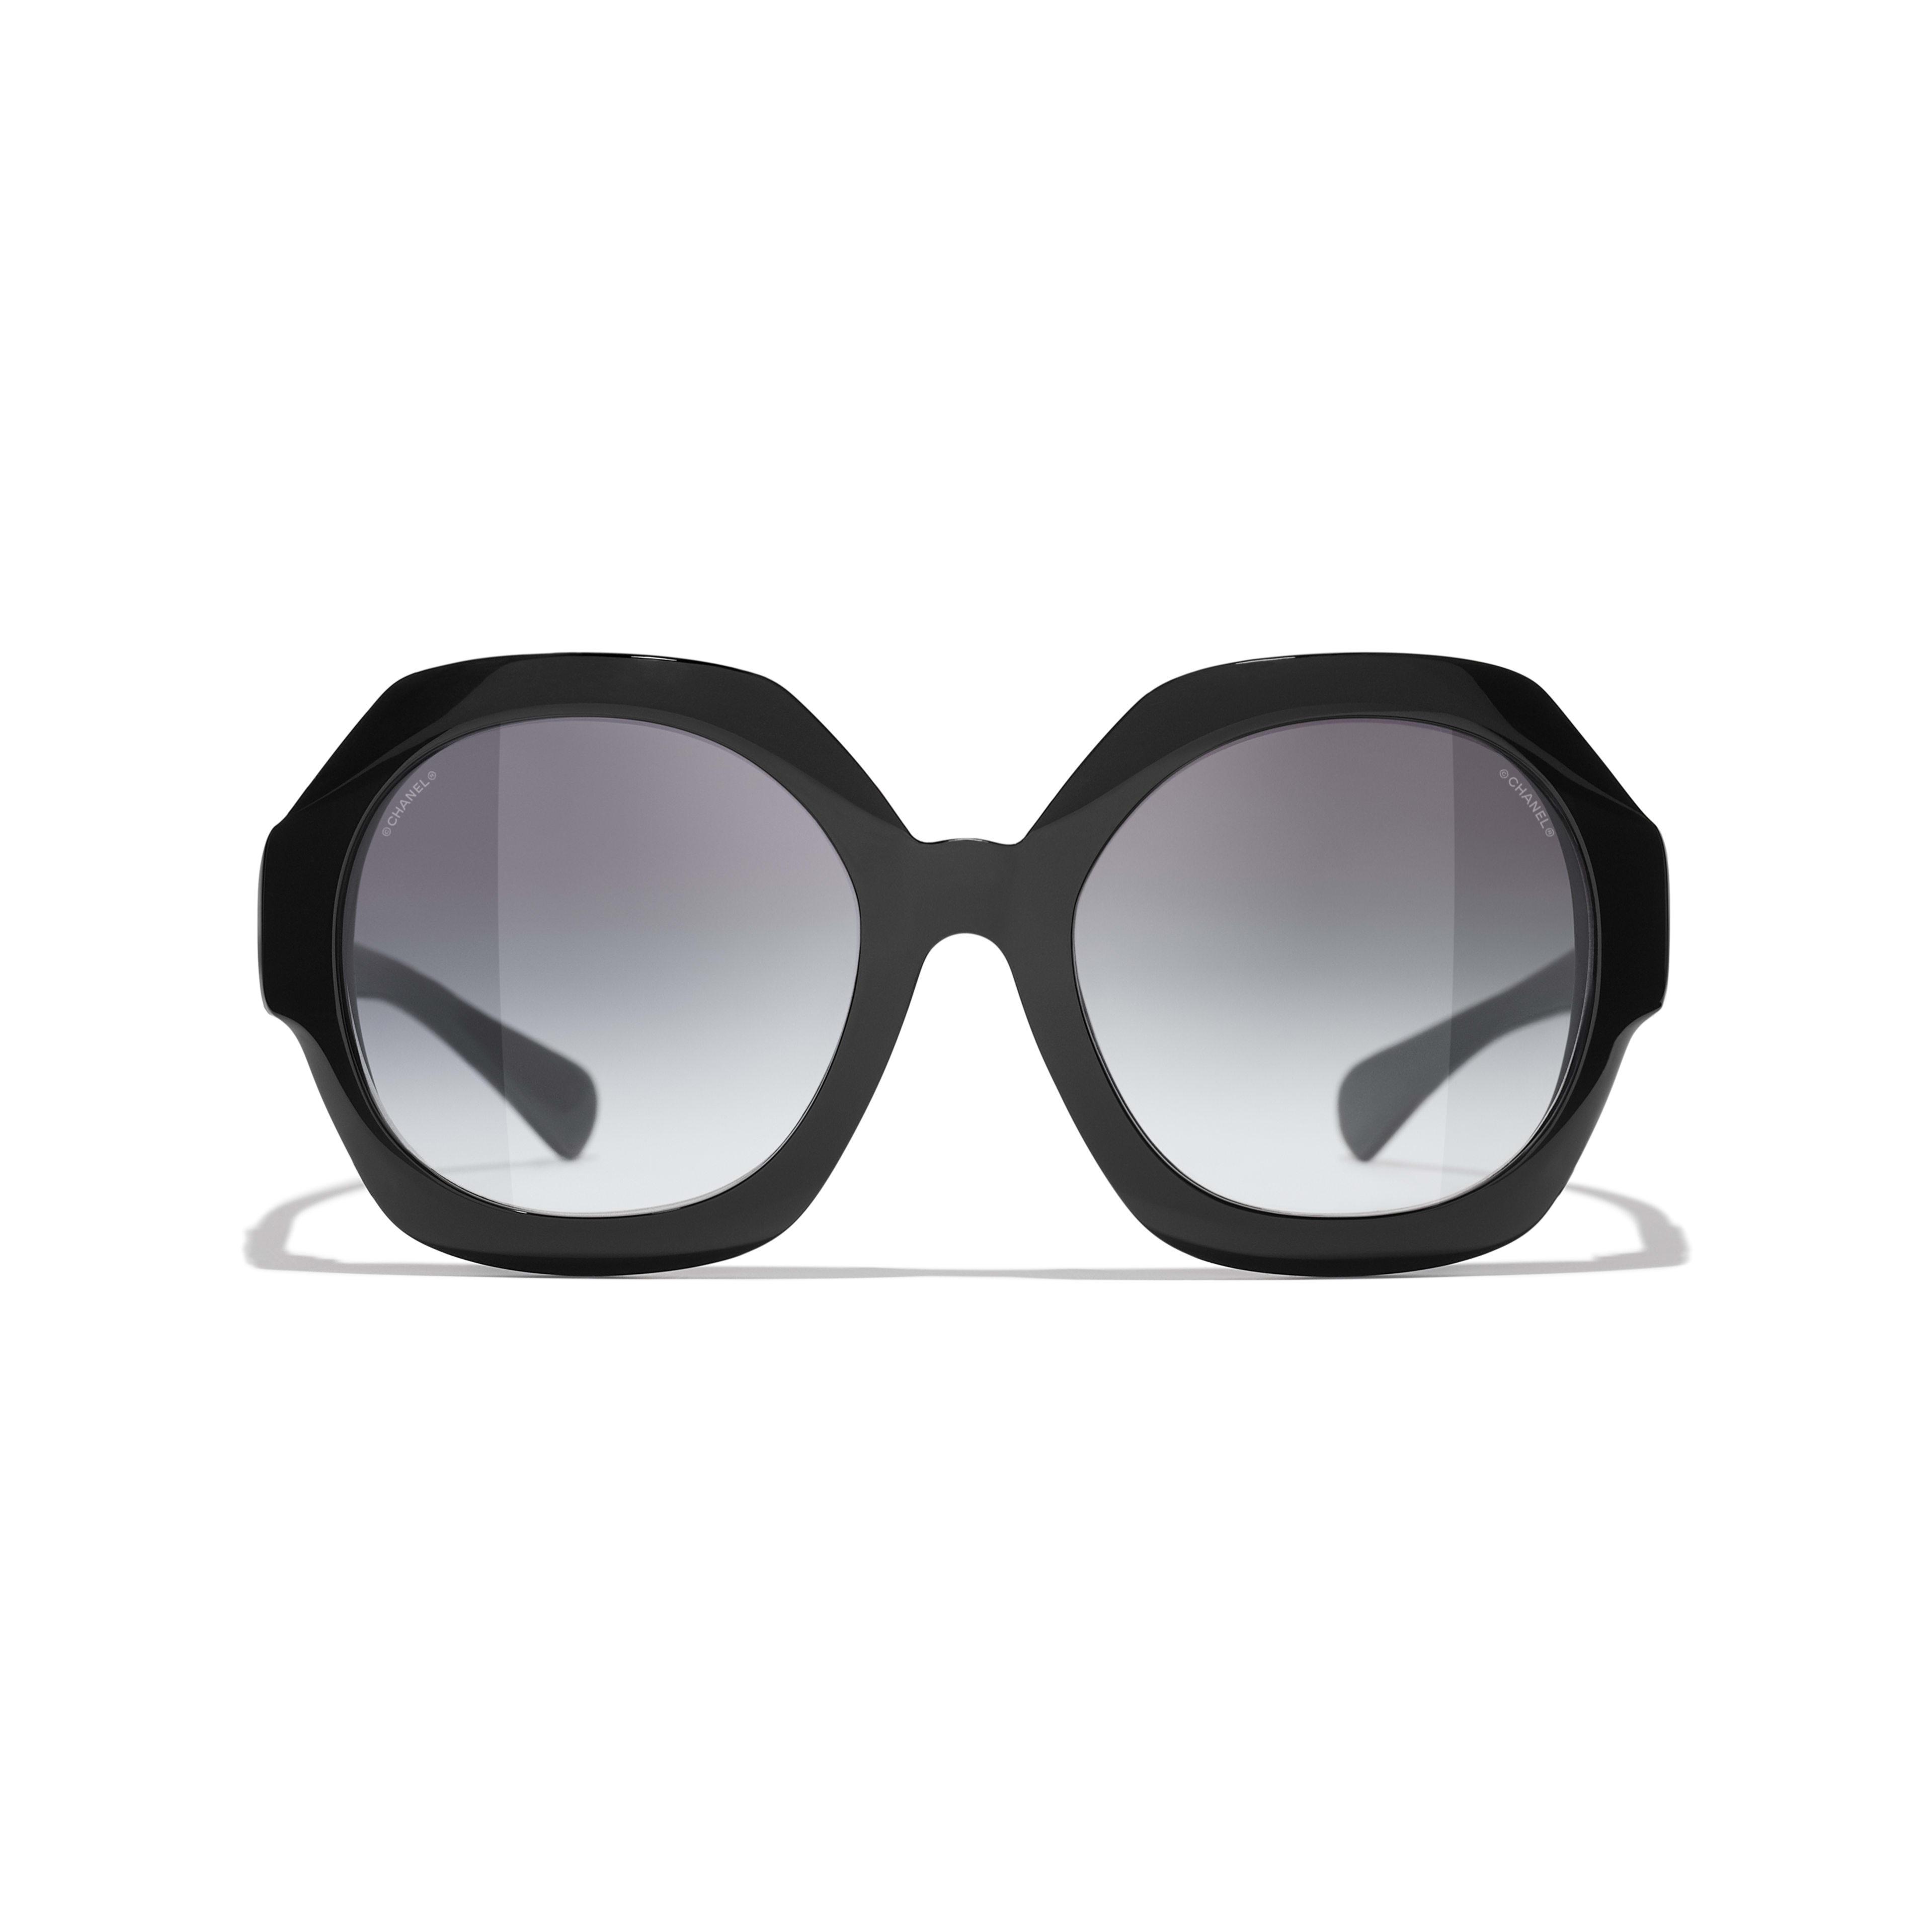 Ronde zonnebril - Zwart - Acetaat - CHANEL - Alternatieve weergave - zie versie op standaardgrootte